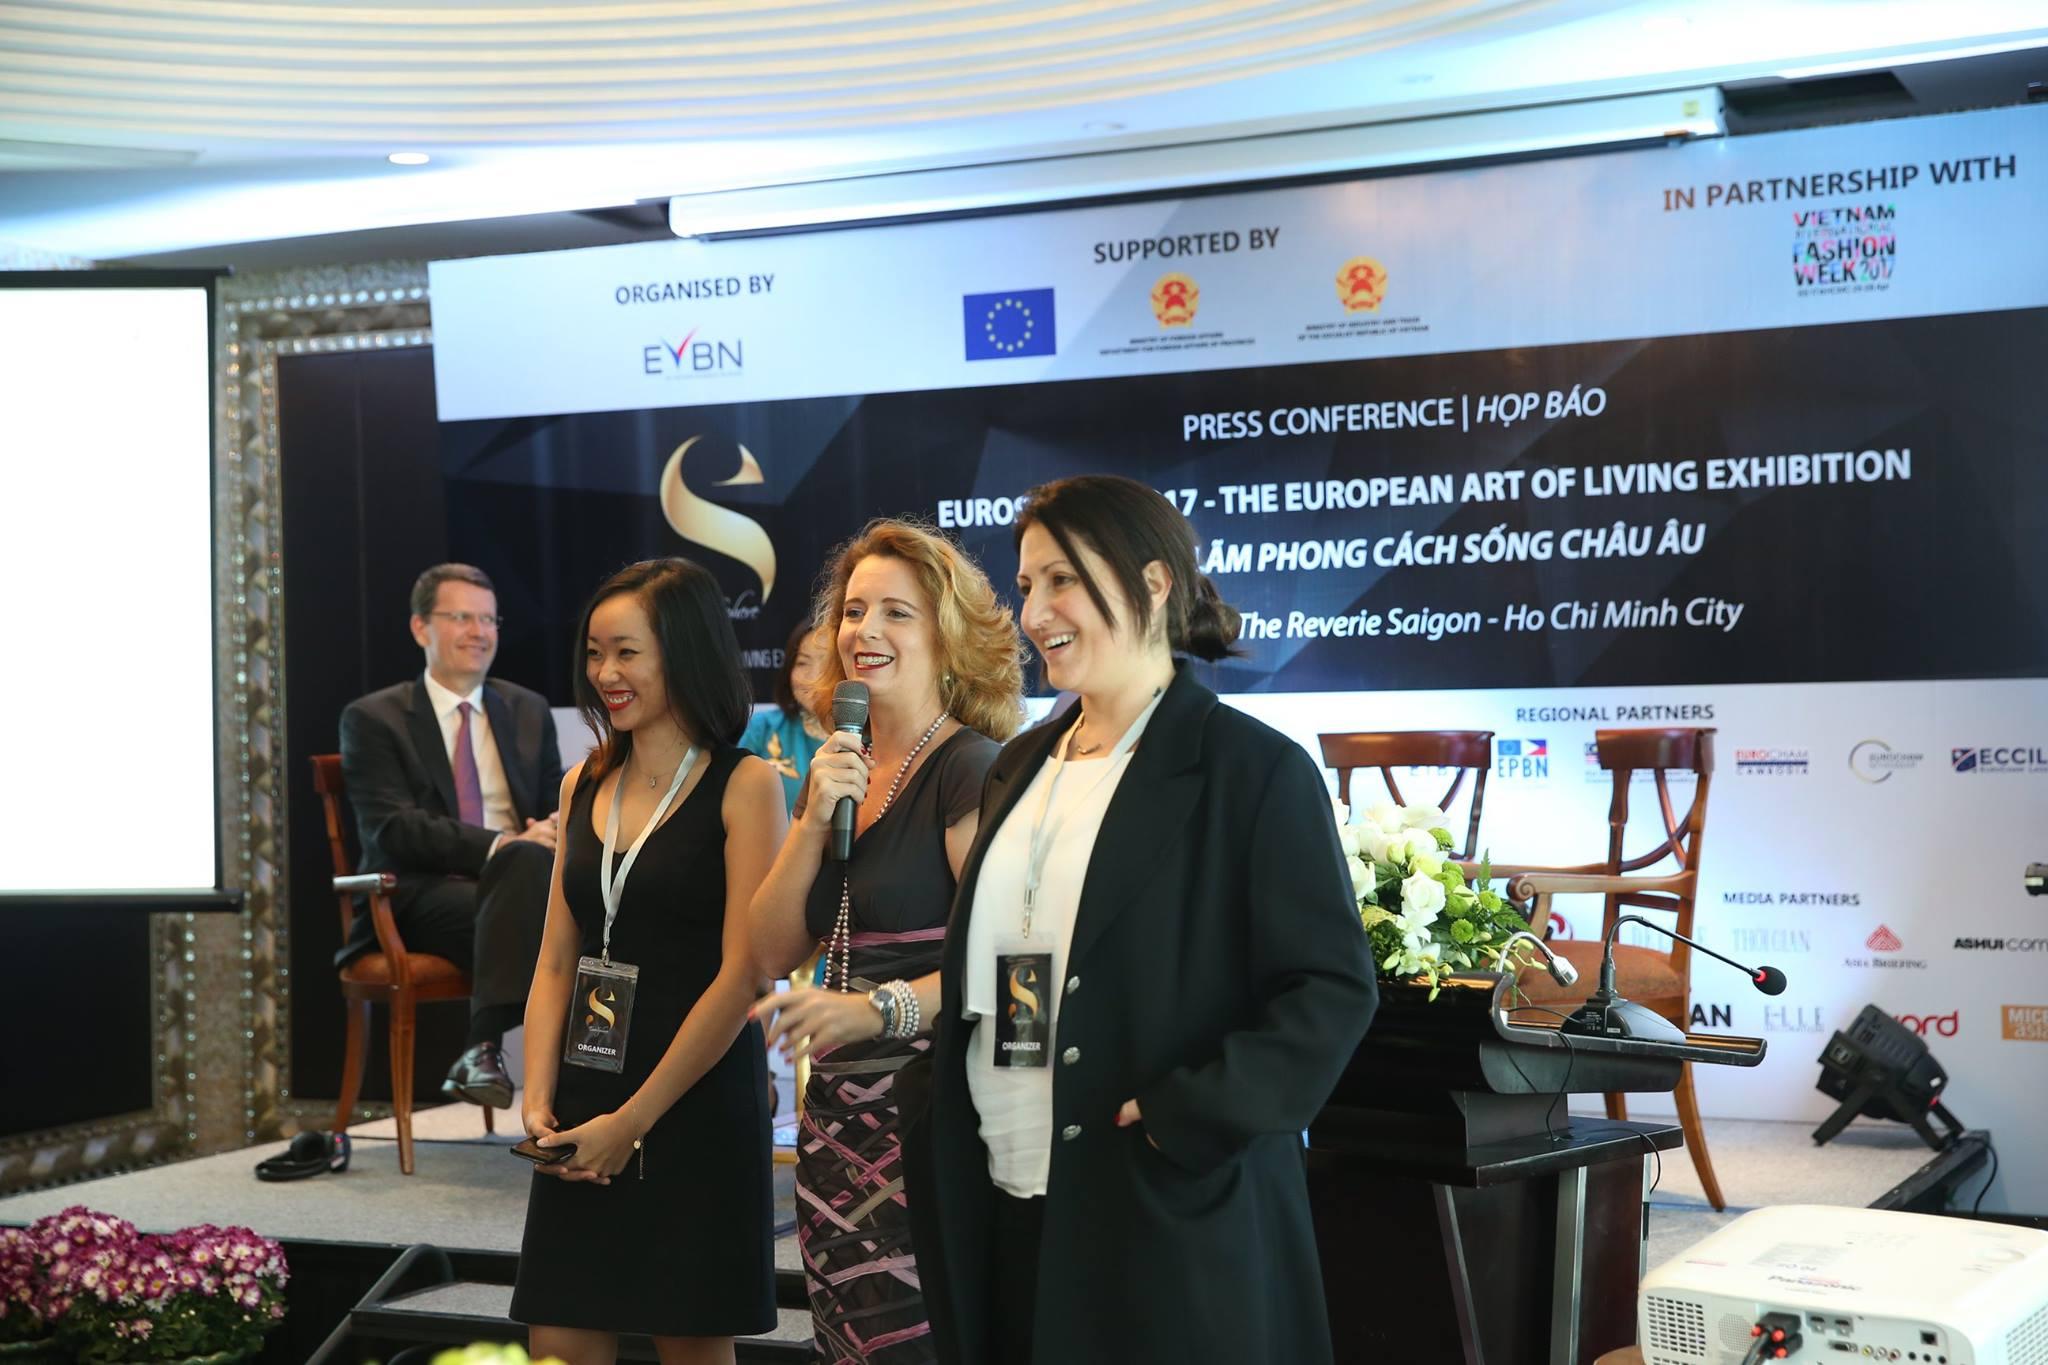 Bà Delphine Rousselet - Giám đốc EVBN (ở giữa) cùng cộng sự